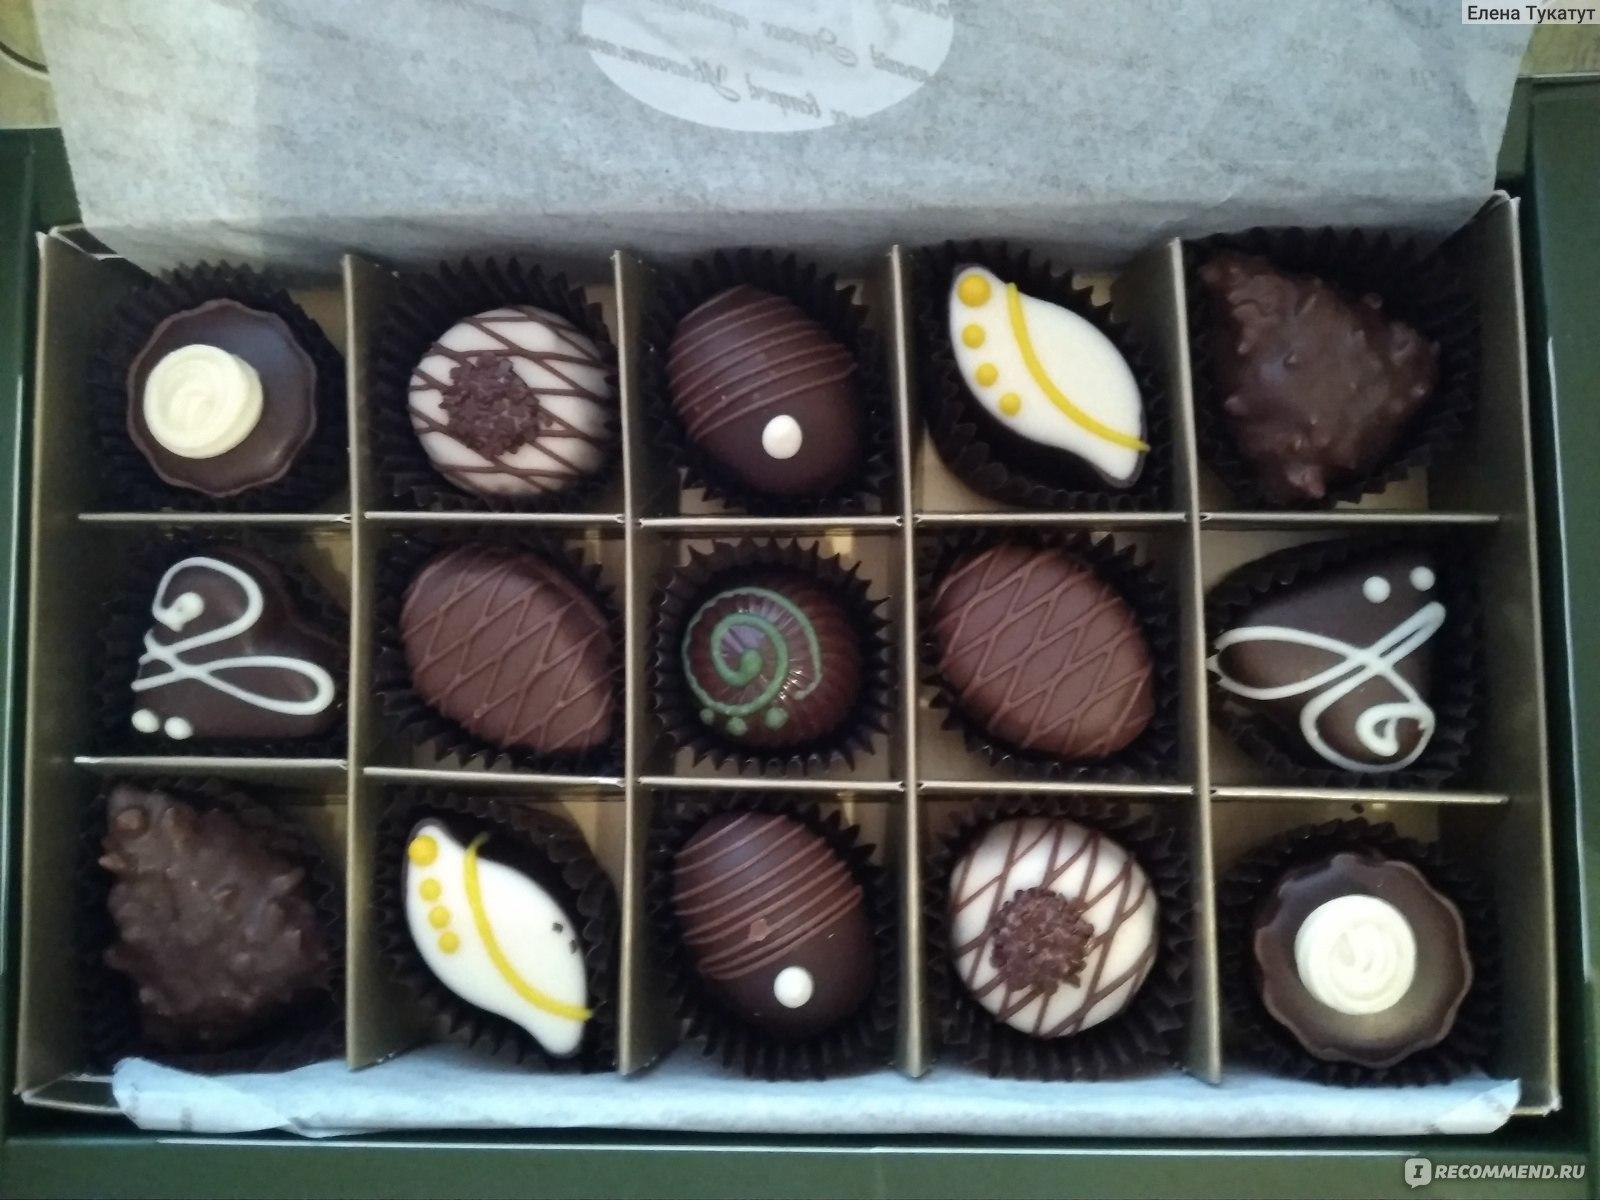 Прикольные, набор шоколадных конфет старинная открытка красный октябрь 85 гр